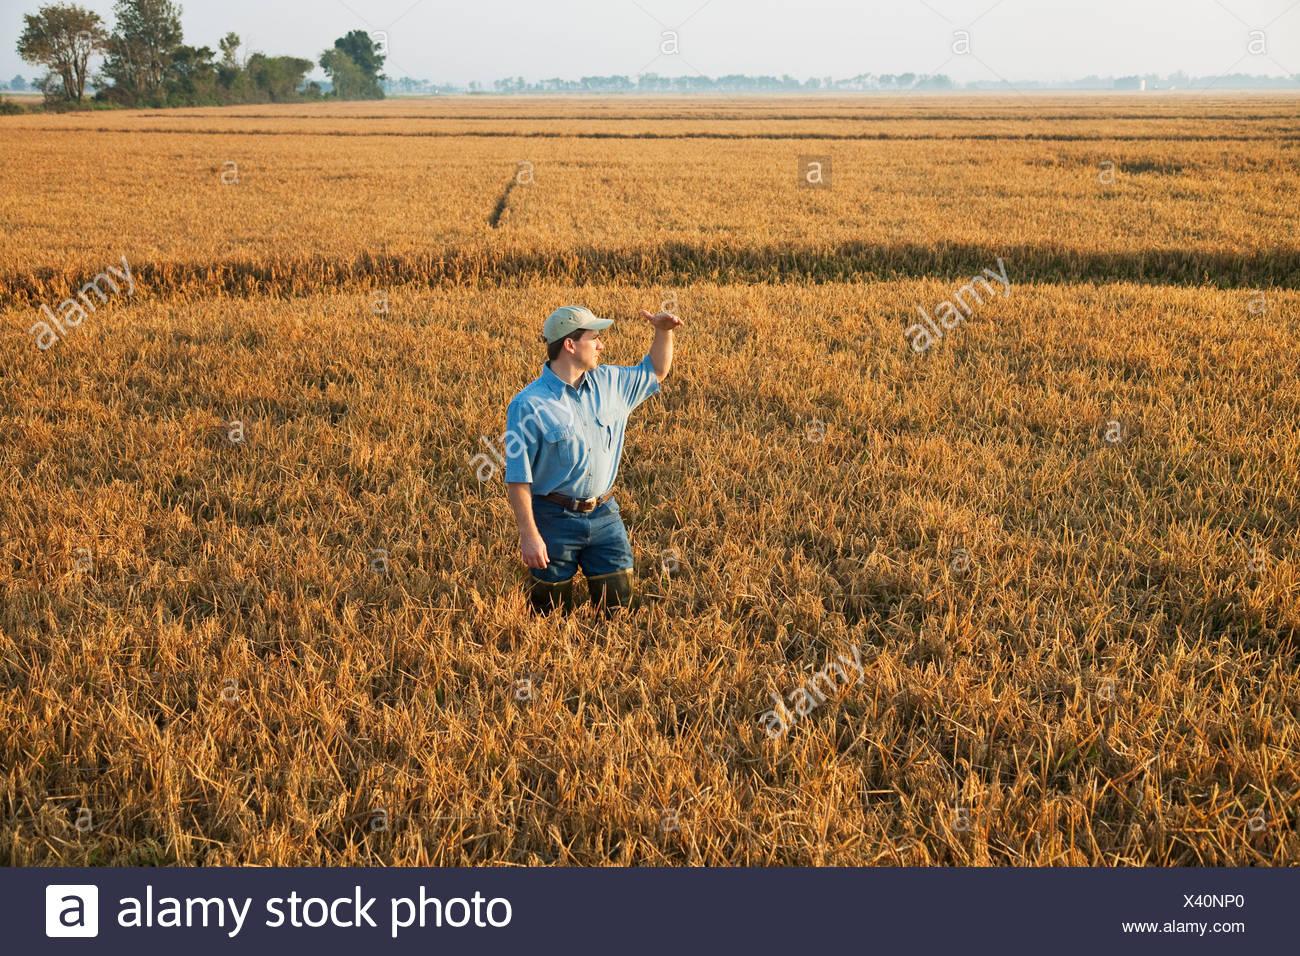 Un contadino (coltivatore) in piedi nel suo campo ispeziona il suo quasi maturi il raccolto di riso al fine di determinare se la vendemmia inizia a. Immagini Stock